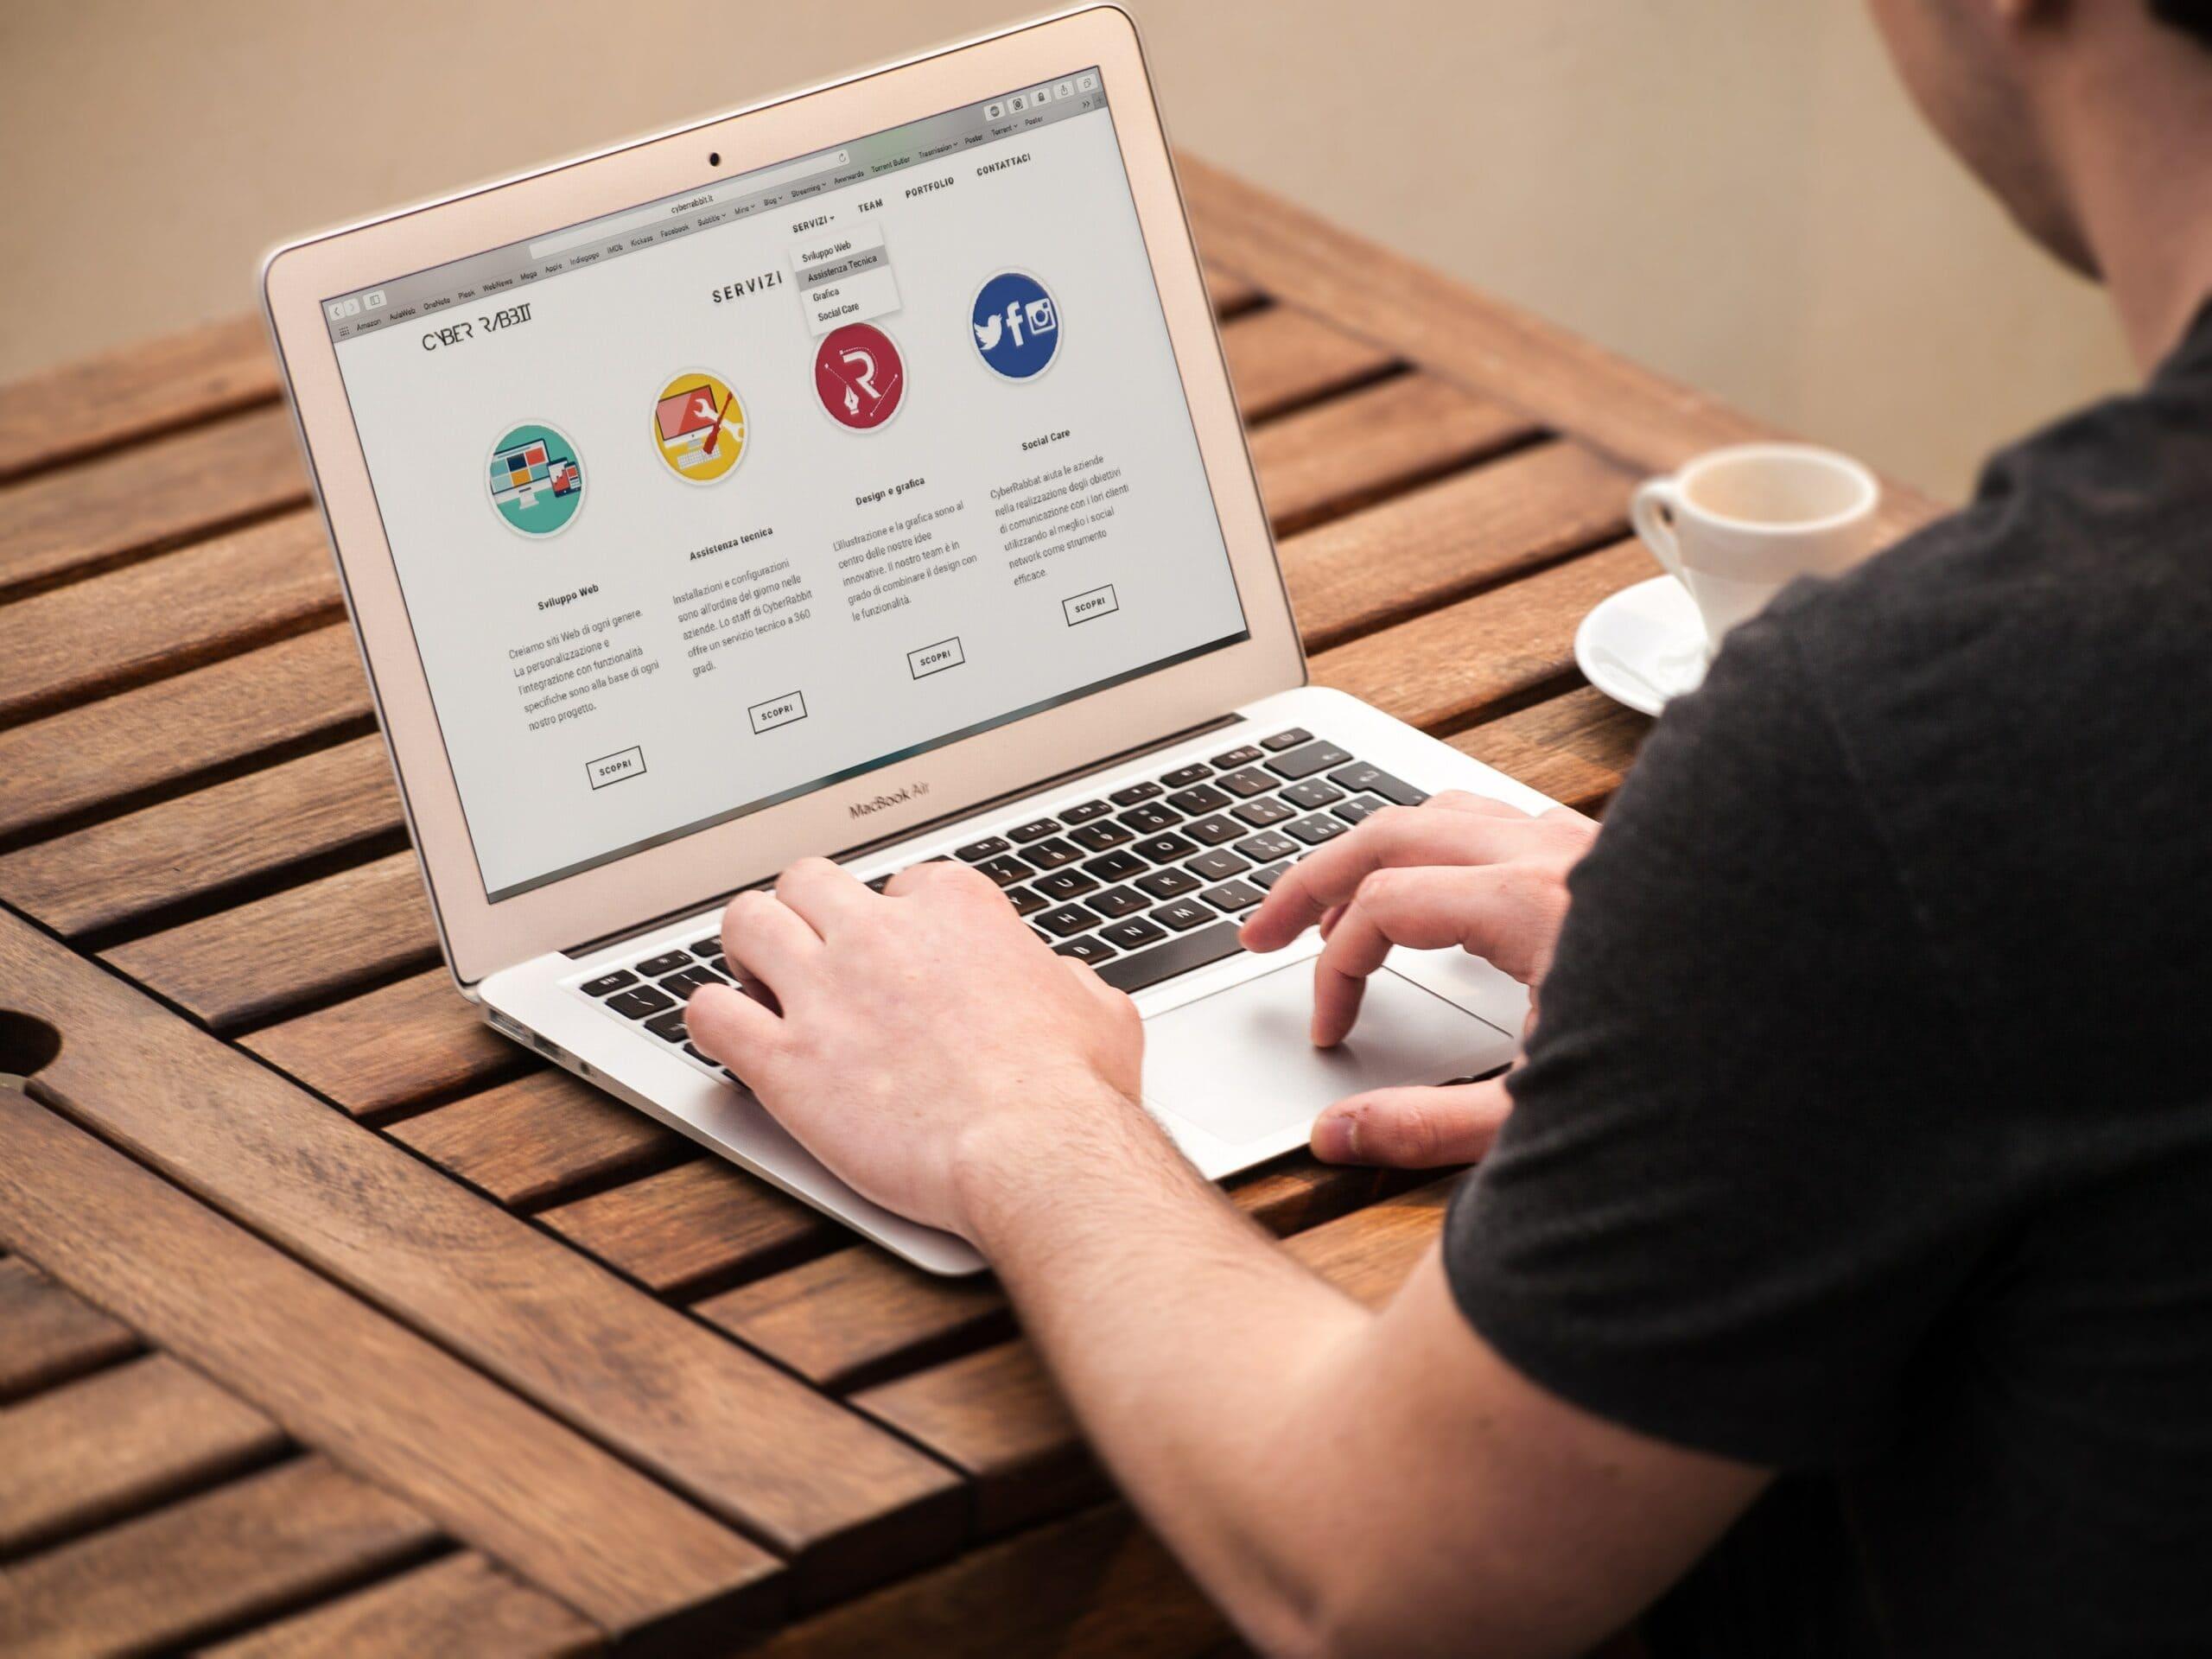 25 個線上課程推薦!上班族自我進修熱門線上課程必看清單